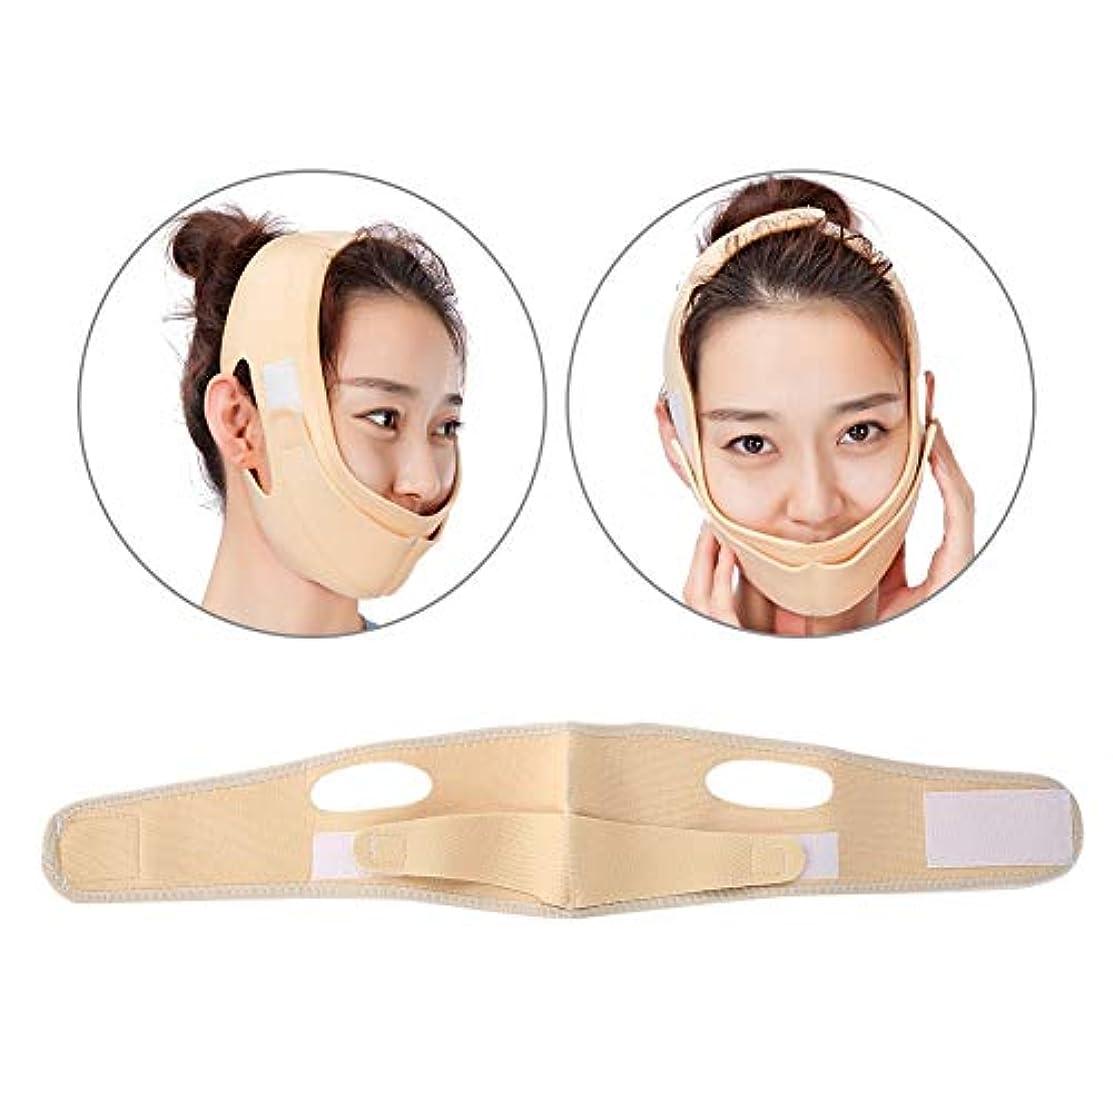 侵入する伝える推測2タイプフェイスリフティングマスク、ナチュラルVチーク舐め締めベルト、アンチリンクル引き締めスキンマスク、フェイスリフティング減量アンチダブルフェイシャル包帯(1#)